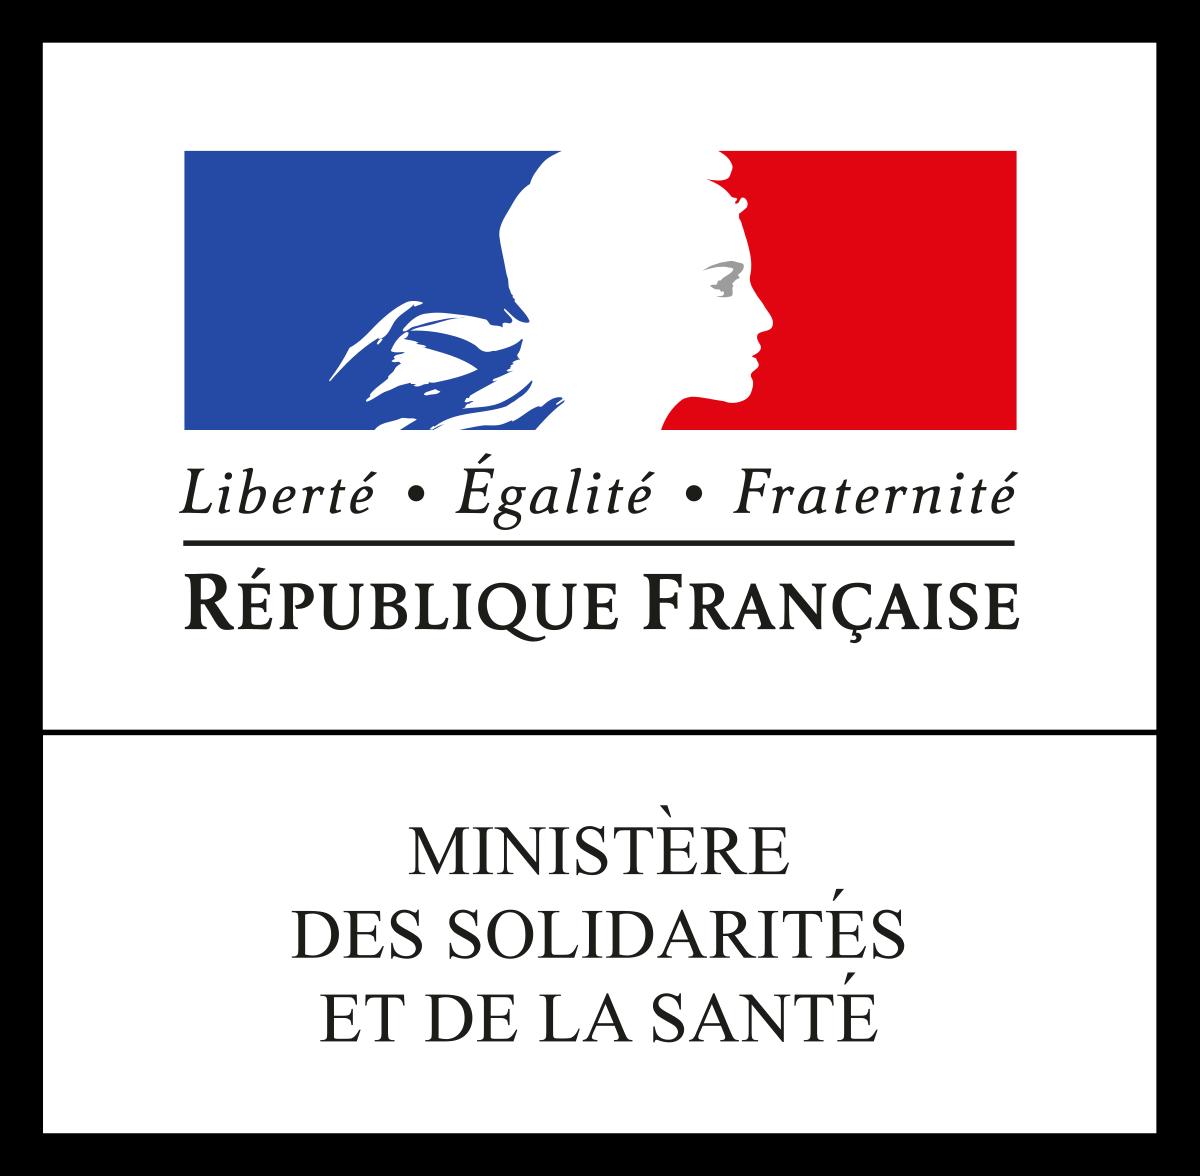 Ministère_des_Solidarités_et_de_la_Santé